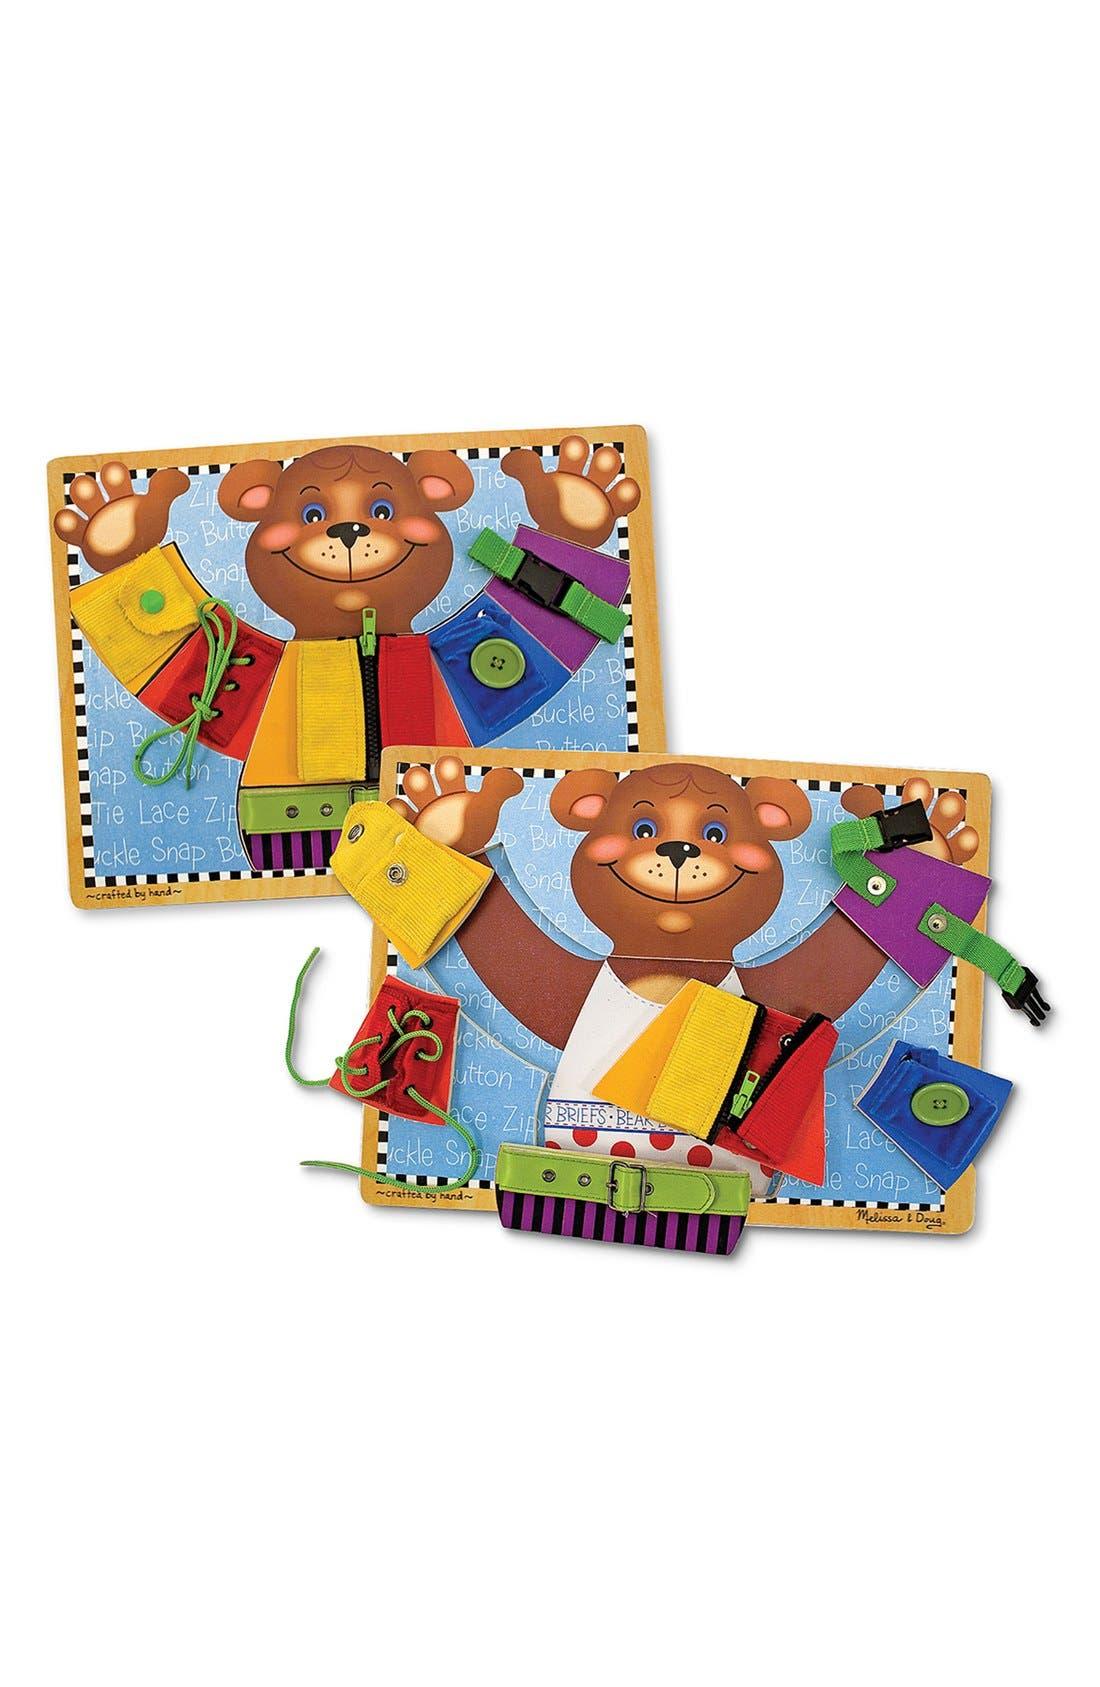 Main Image - Melissa & Doug 'Basic Skills' Learning Toy